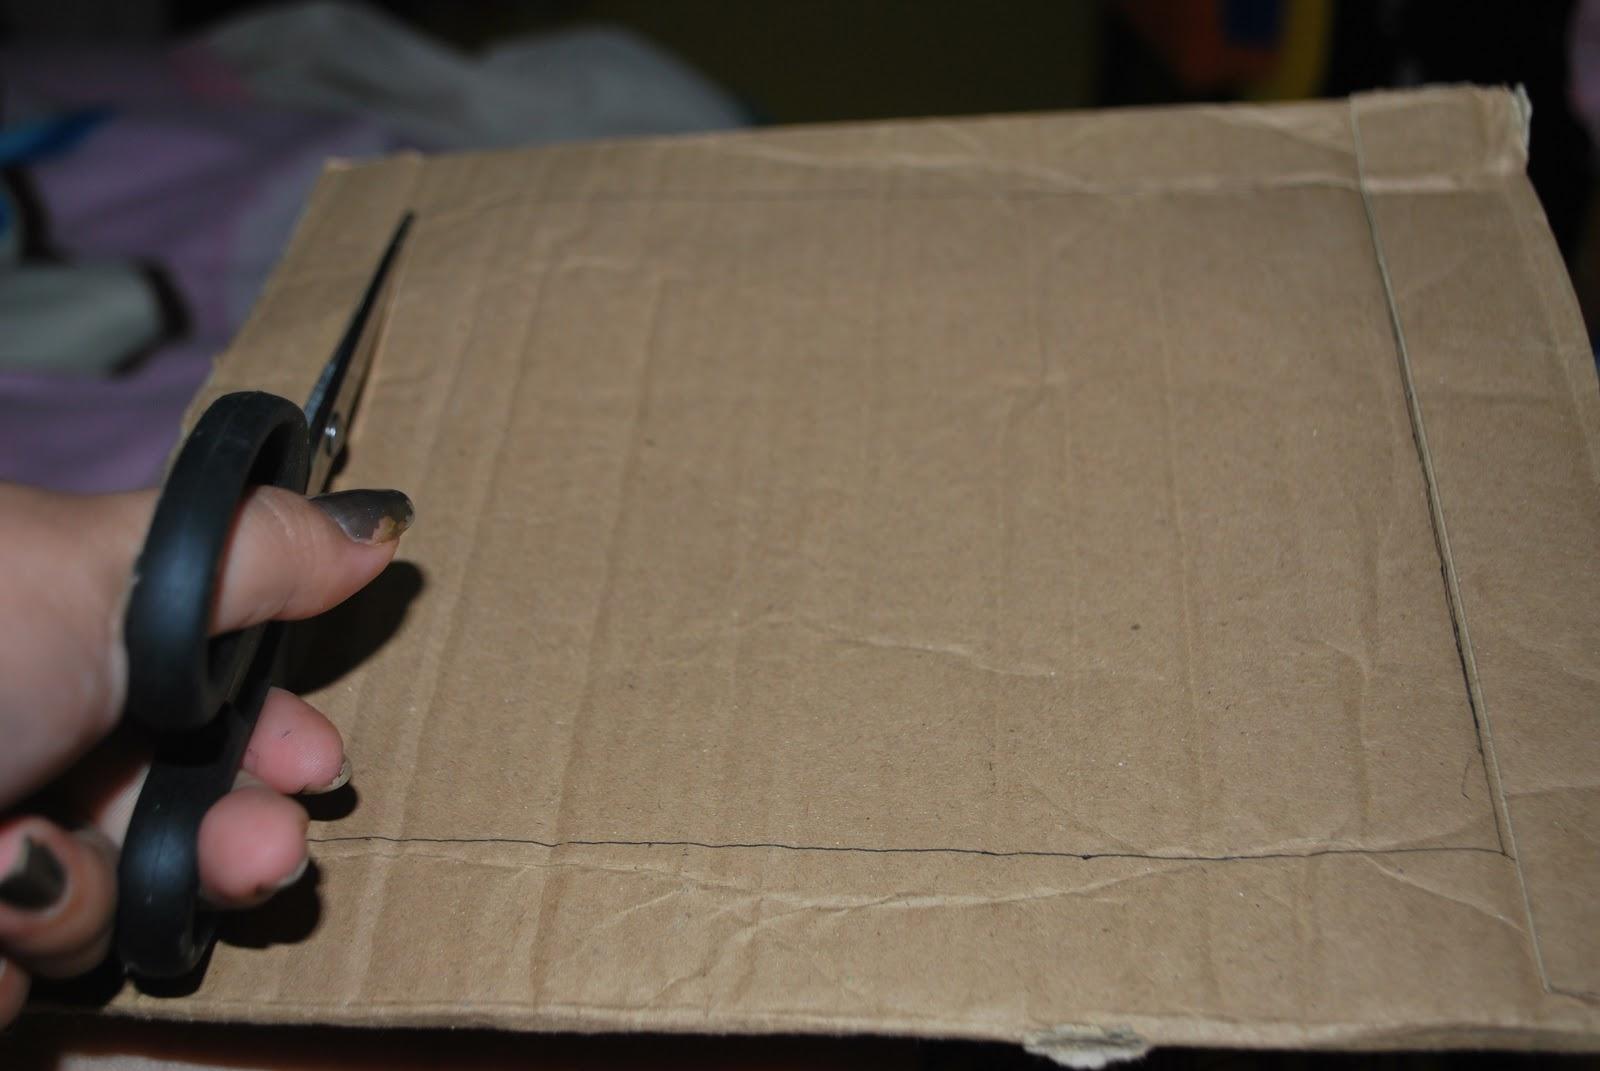 hiasan daun plastic dankeong untuk mempercantik tampilan bingkai